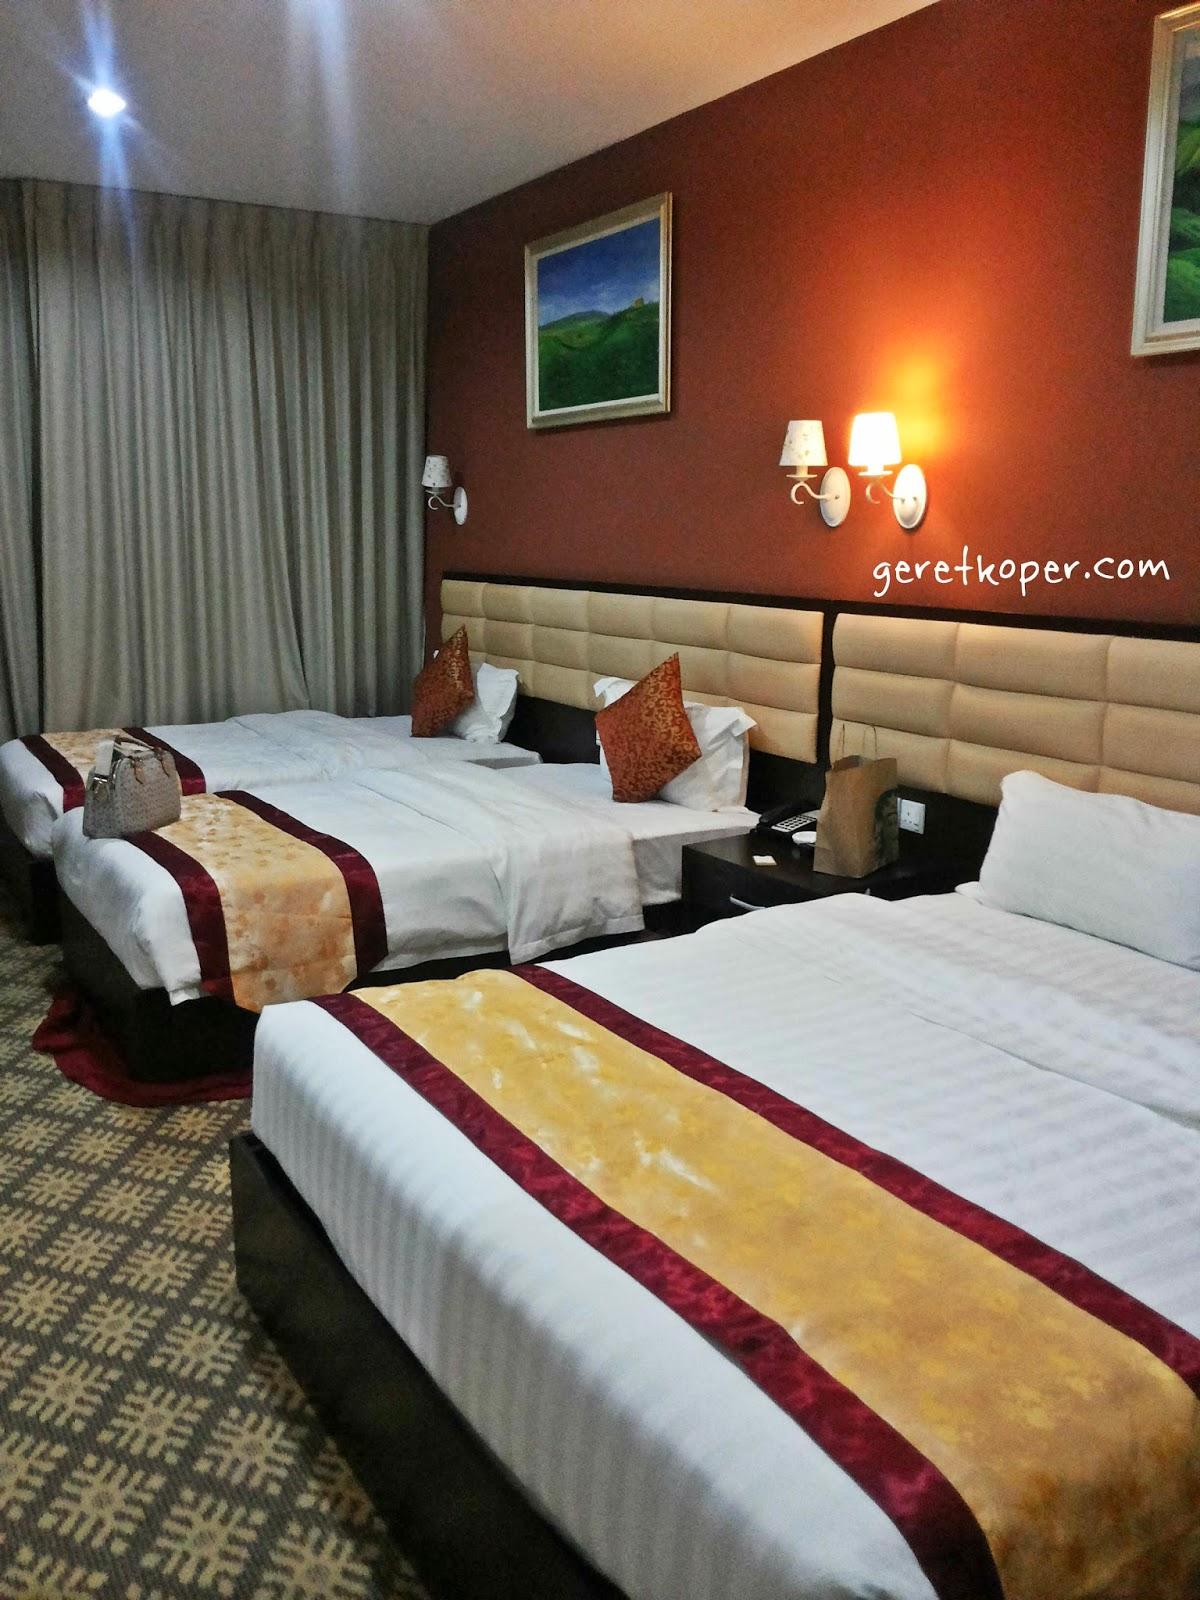 Hotel Sentral Johor Bahru Hotel Review Hallmark Regency Hotel Johor Bahru Geret Koper